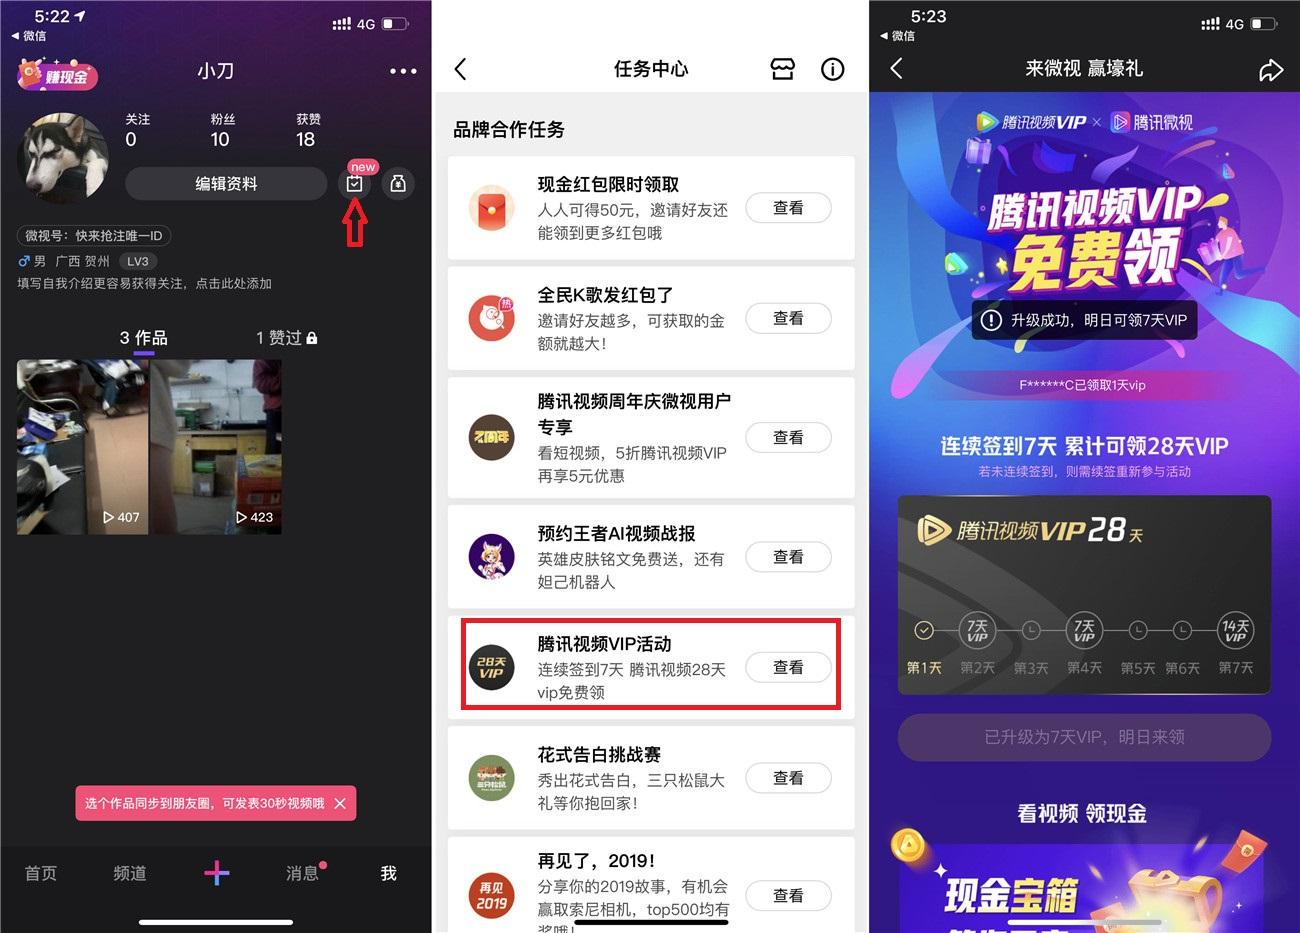 微视签到2天领7天腾讯视频VIP